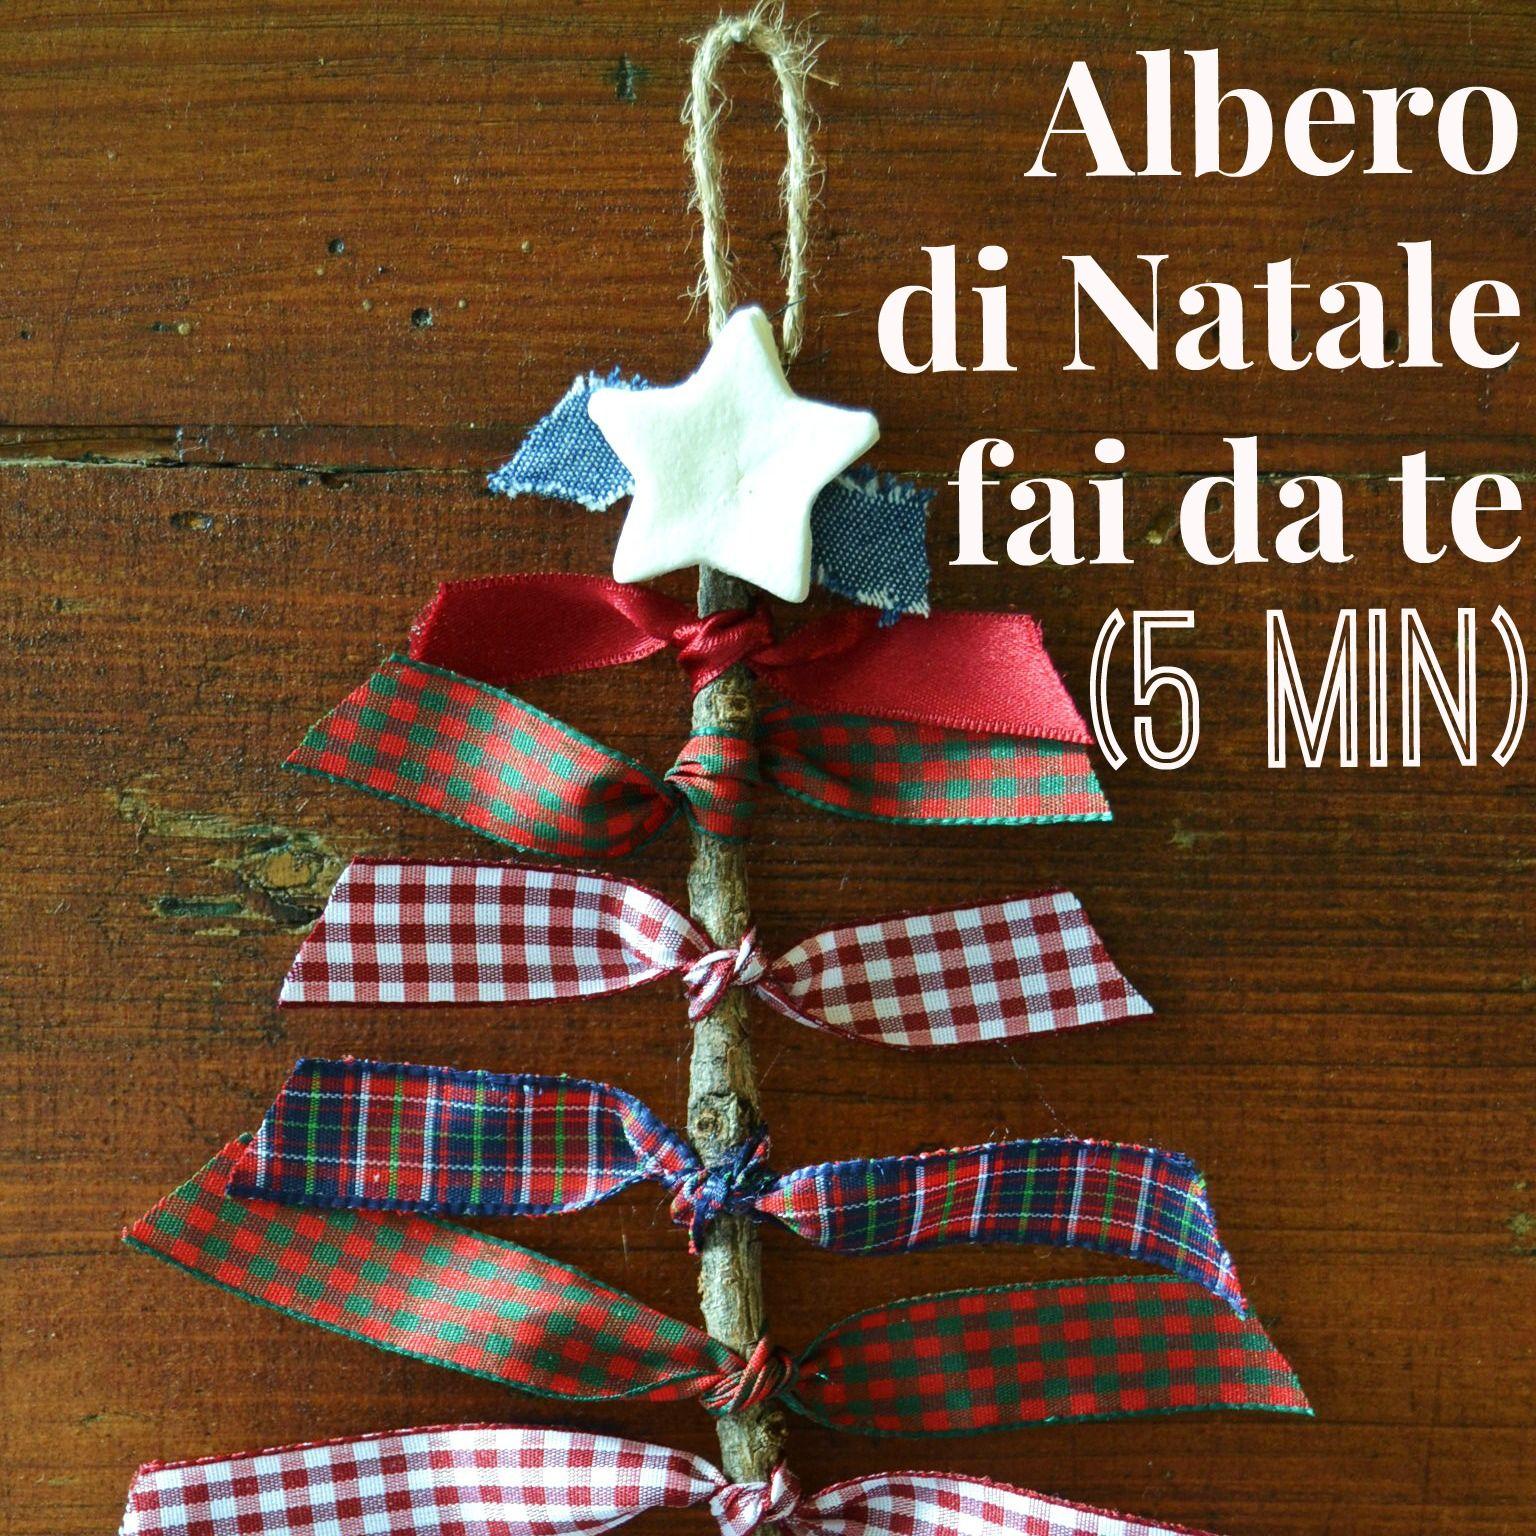 Lavoretti Di Natale In 5 Minuti.Albero Di Natale Fai Da Te In 5 Minuti Natale Fai Da Te Albero Di Natale Fai Da Te Fai Da Te